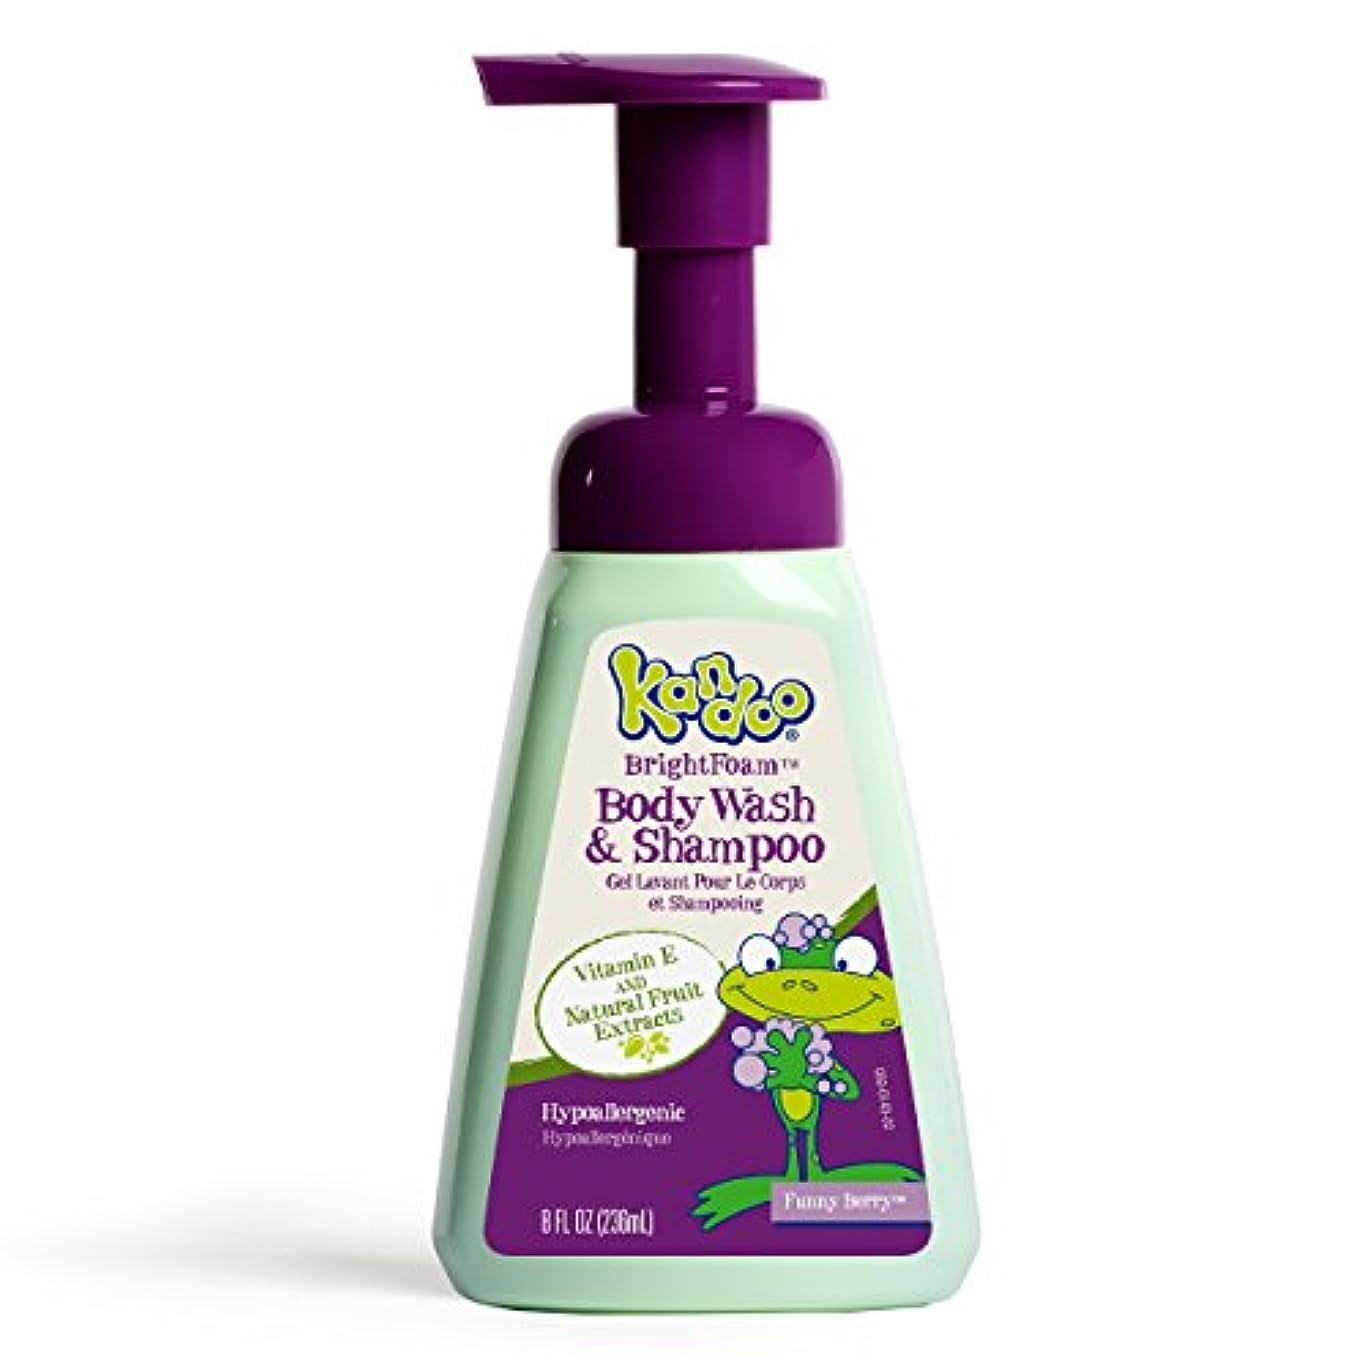 同様の彼ら床を掃除するKandoo BrightFoam Body Wash, Funny Berry Scent, 8.4 Fluid Ounce by Kandoo